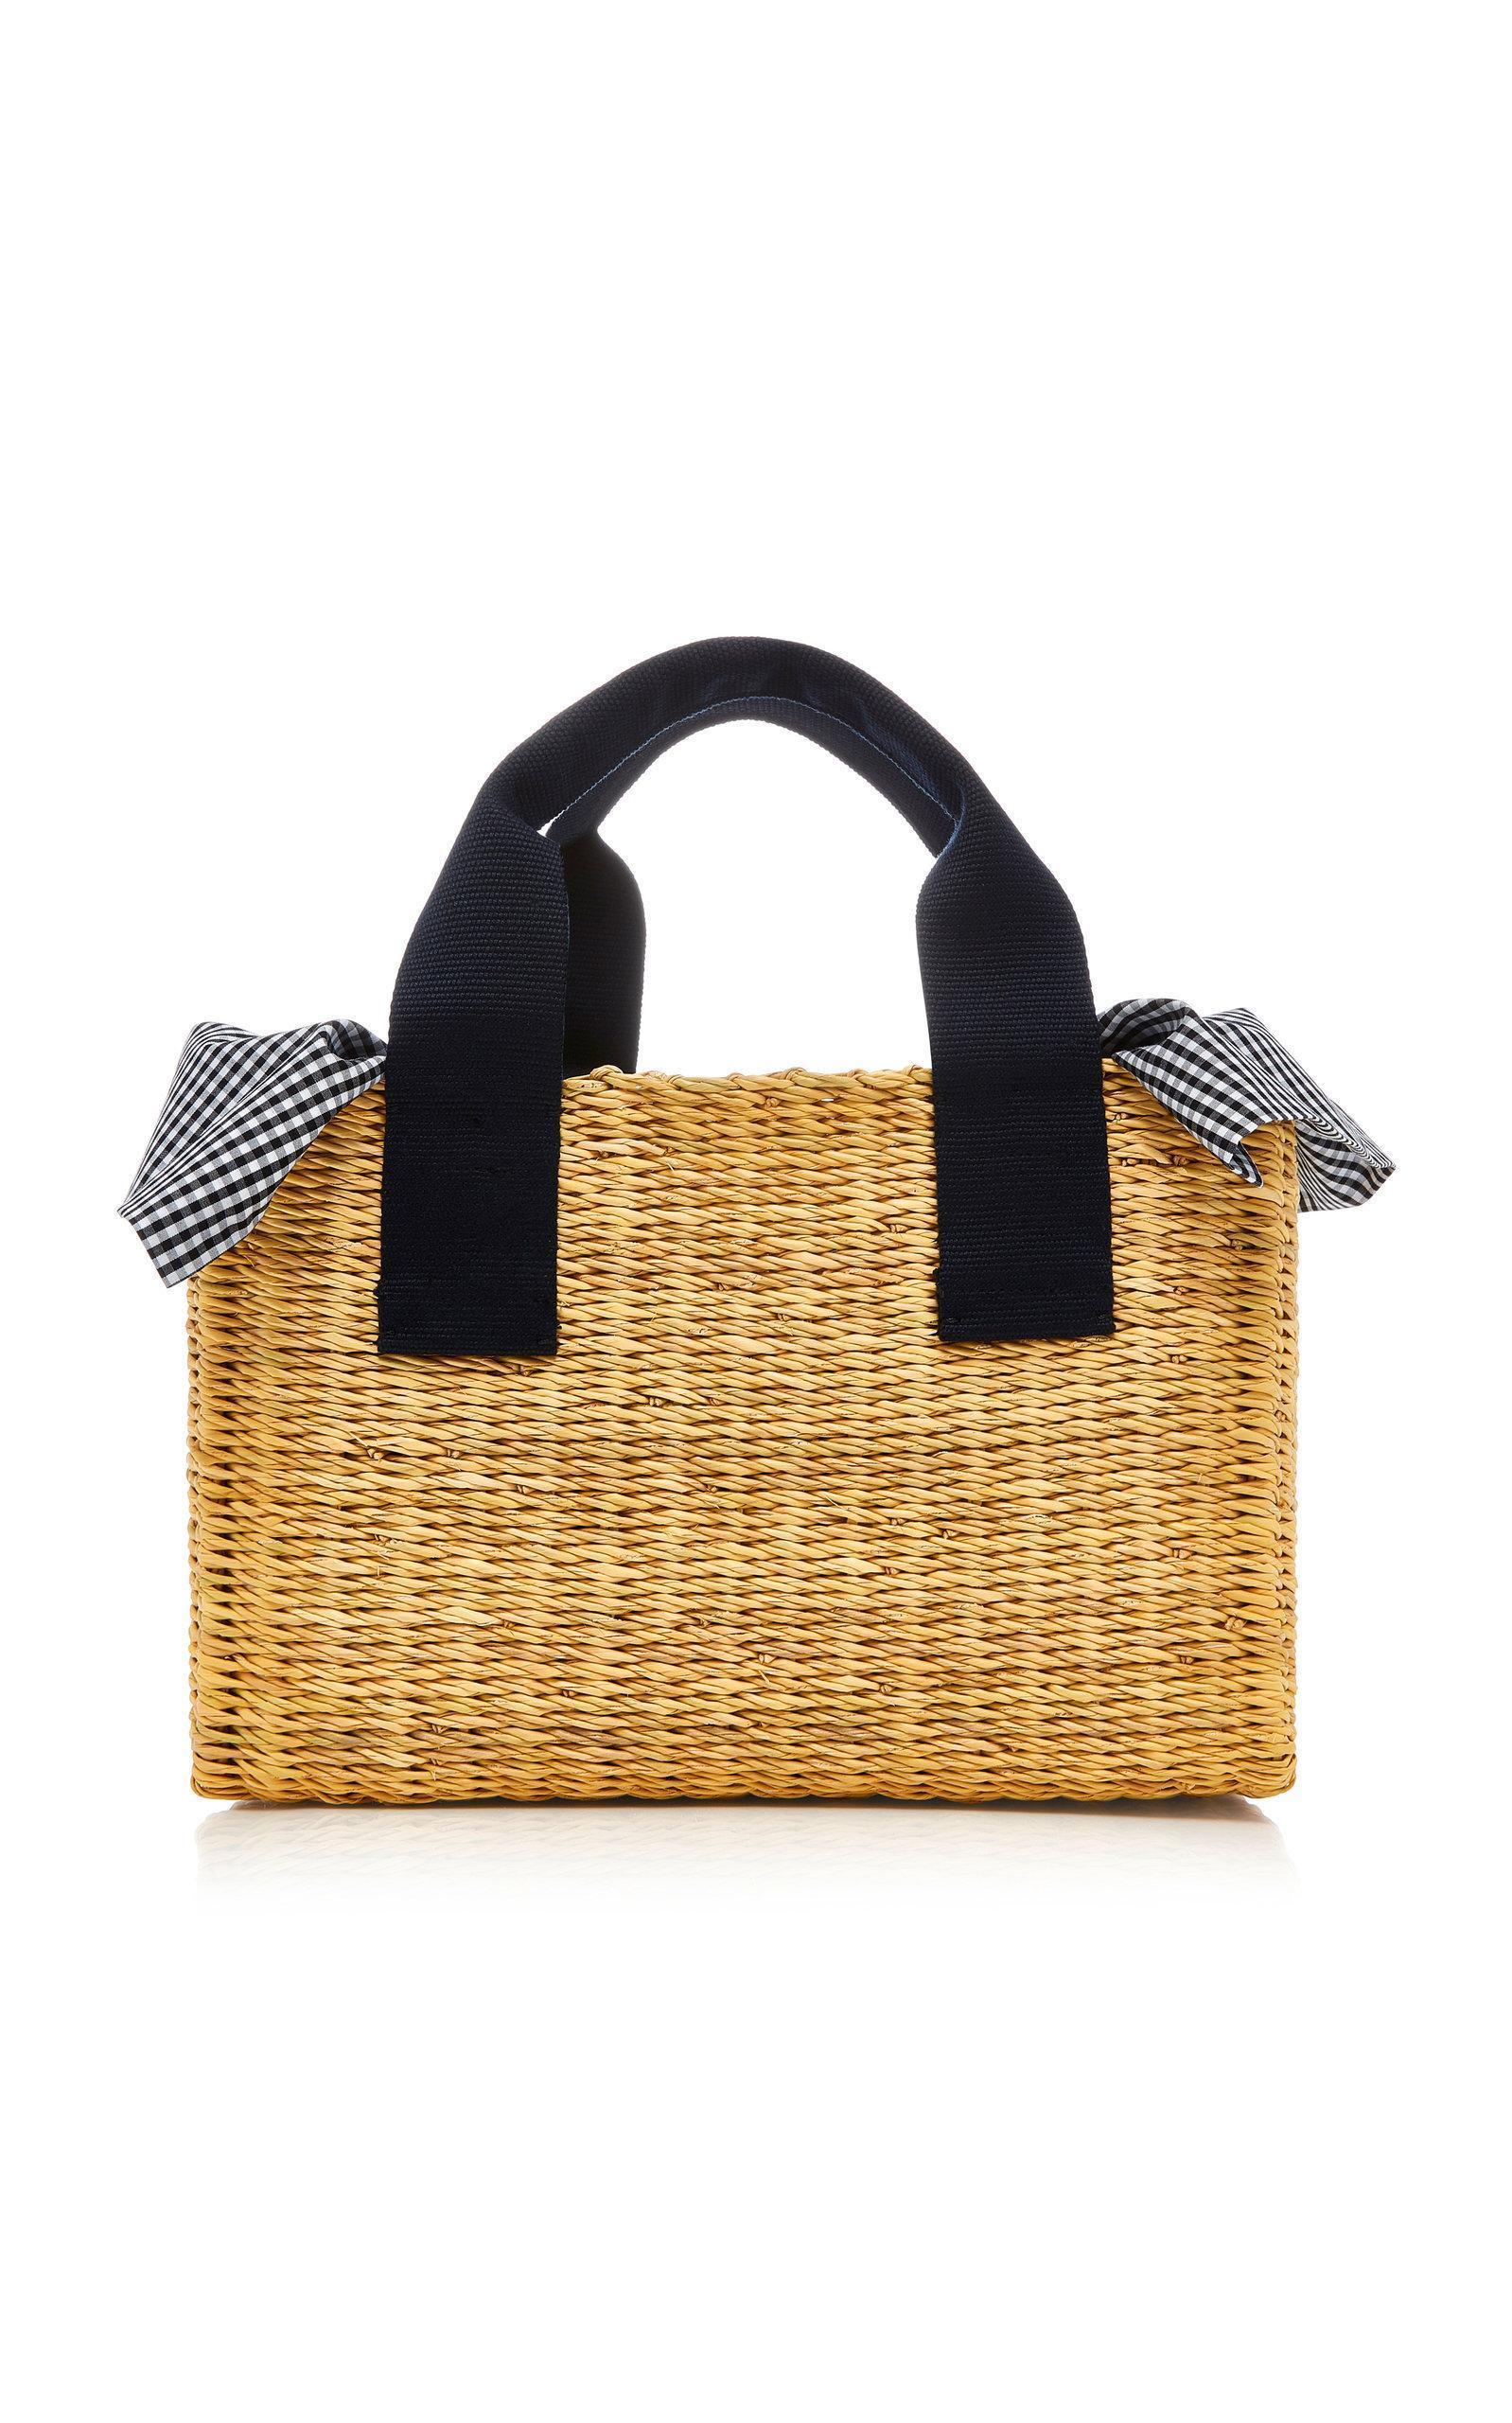 Muun Cotton Trimmed Straw Bag In Navy